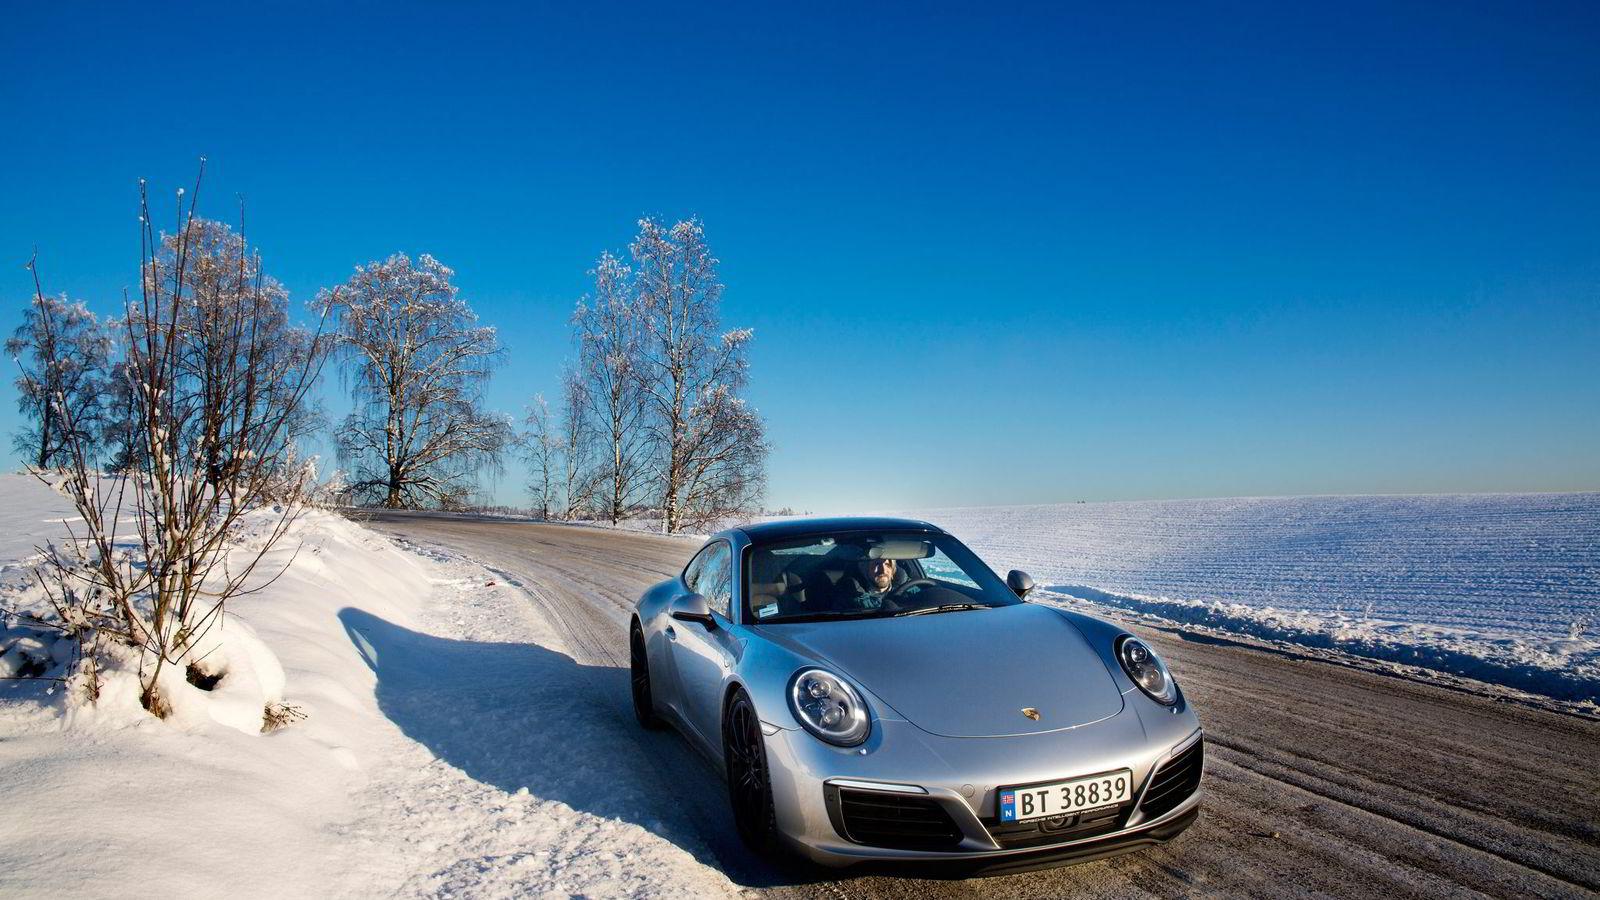 Potensialet til Porsche 911 Carrera 4S tas nok best ut på sommerføre, men også på norske vinterveier vil man ha stor glede av bilens gode kjøreegenskaper.